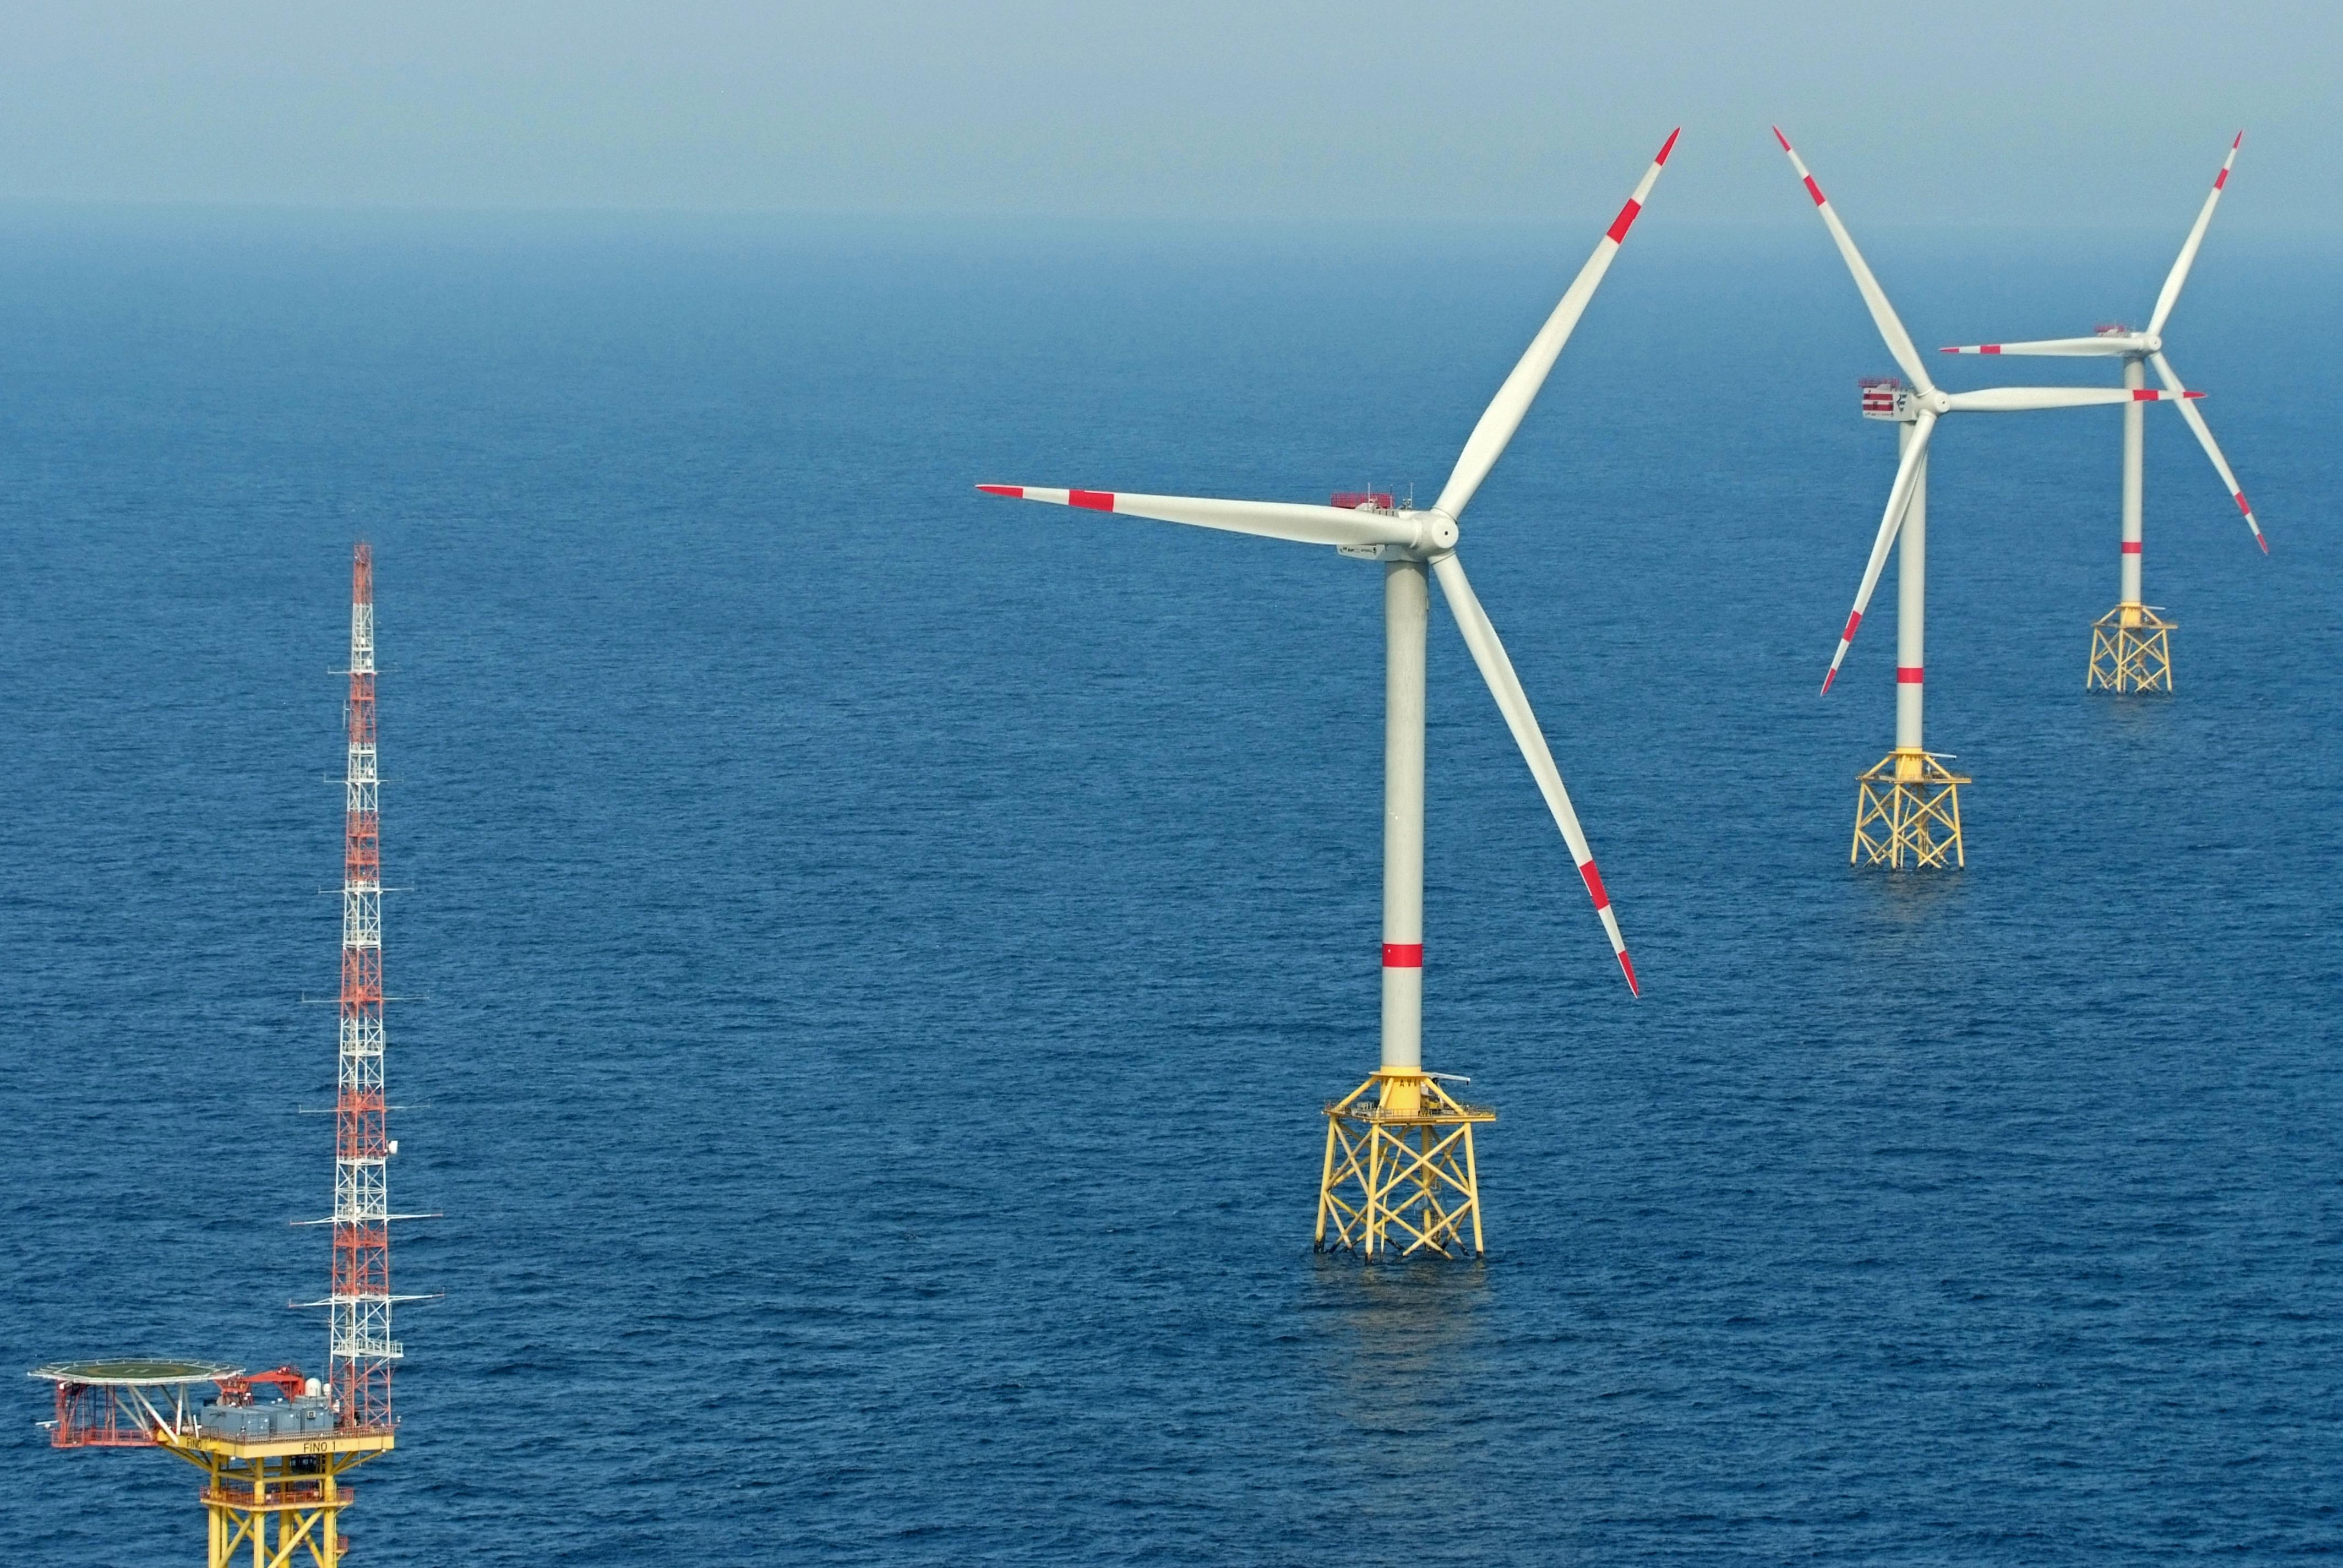 File:2012-05-13 Nordsee-Luftbilder DSCF8889.jpg - Wikimedia Commons